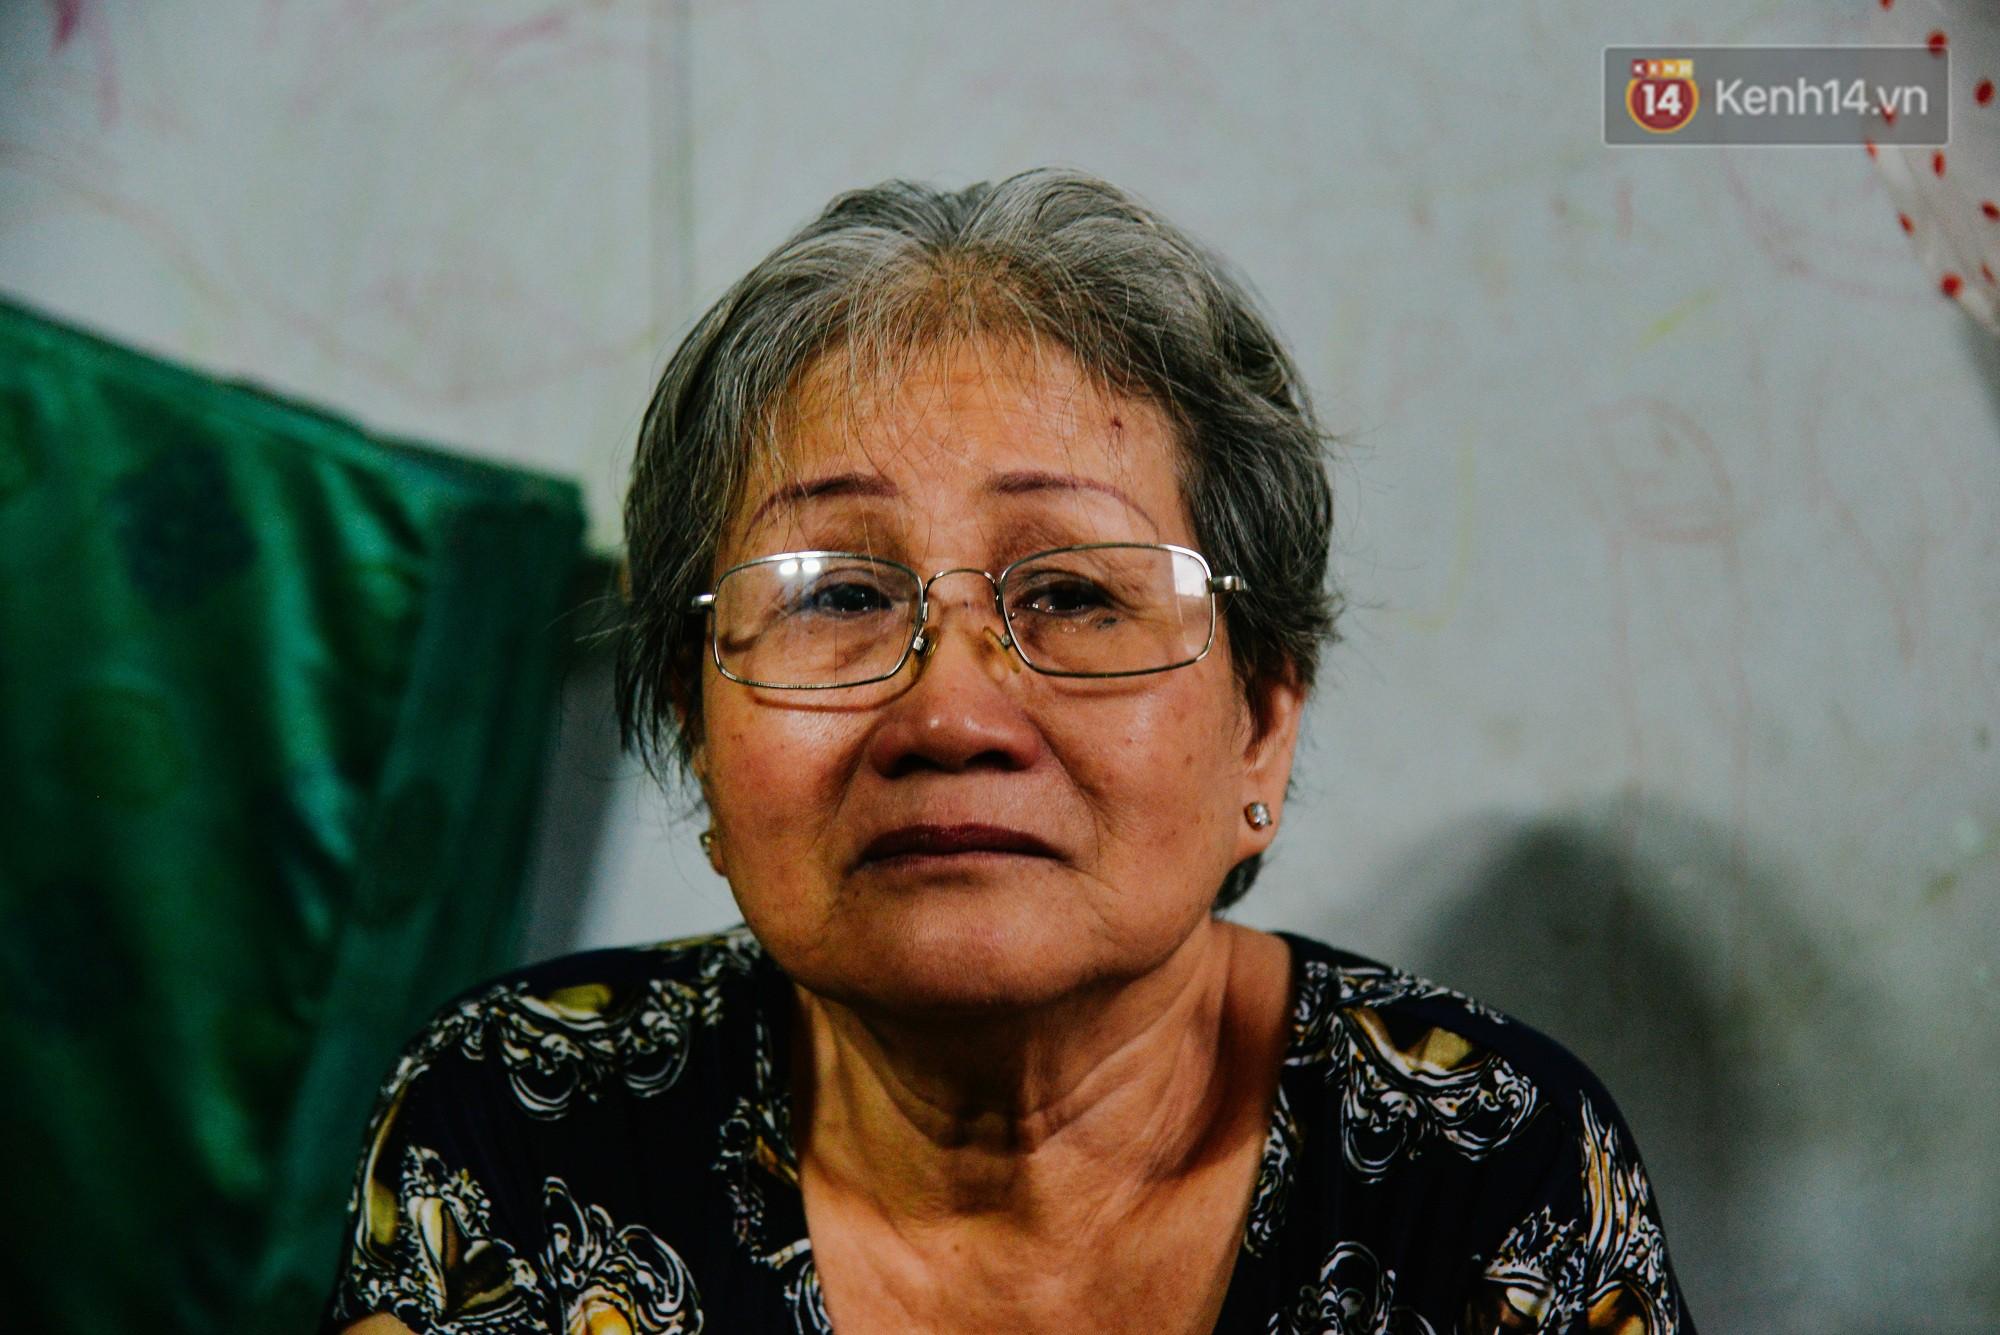 Bà Hai - người bạn gắn bó bên cô đào Trang Kim Sa